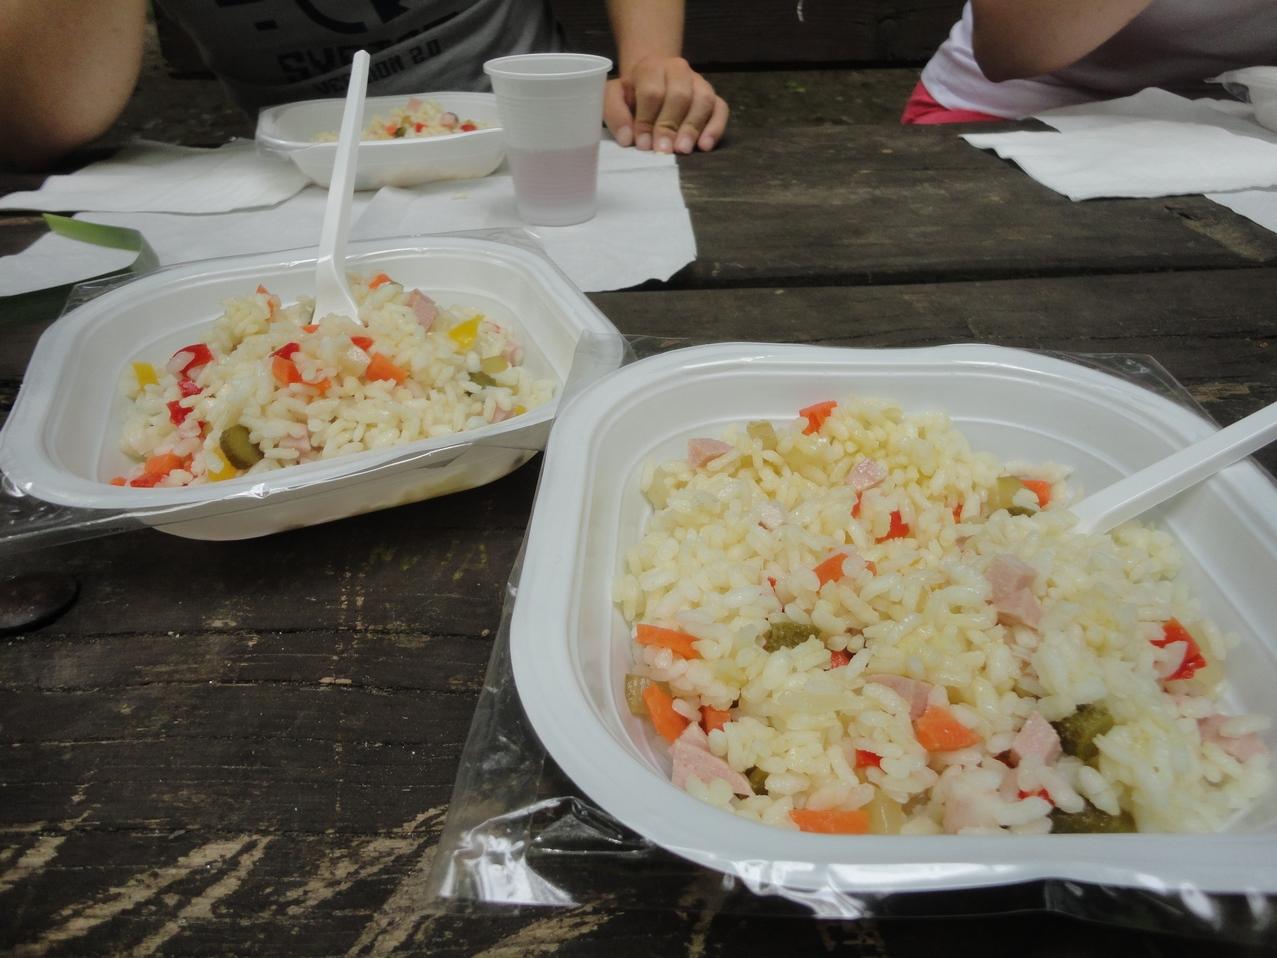 foto 11 picnic (Copia).JPG